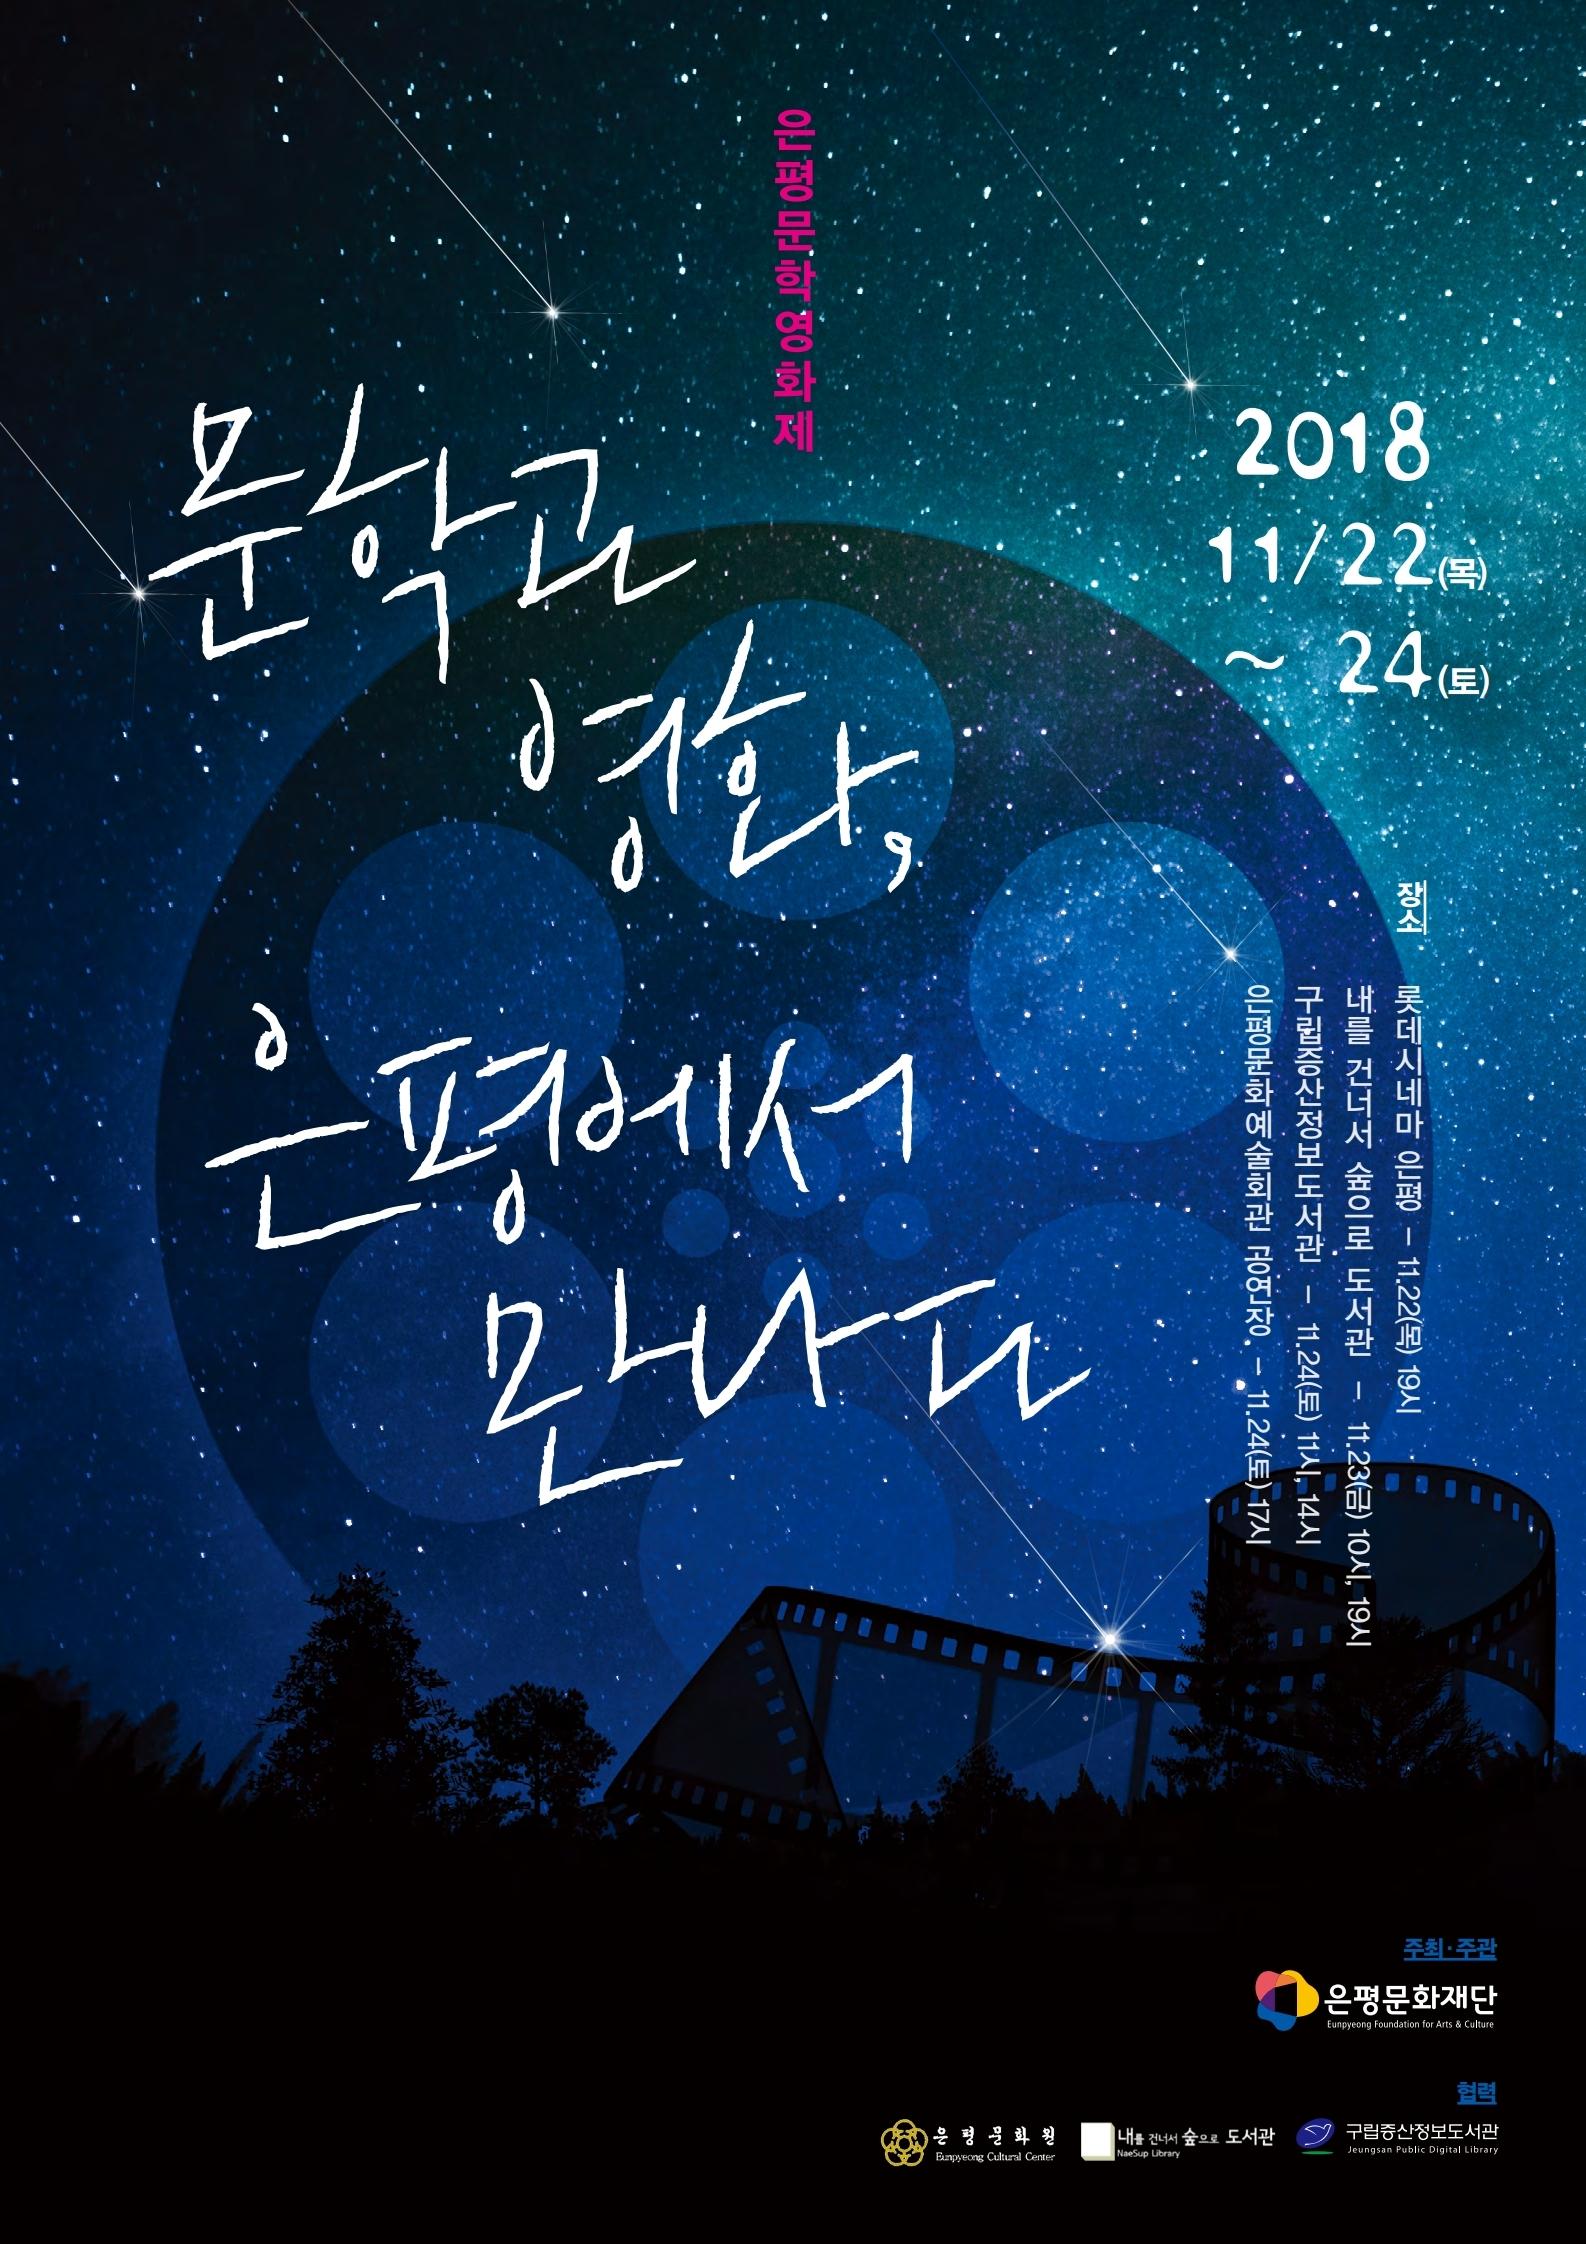 2018.11.22~24 은평문학영화제이미지1